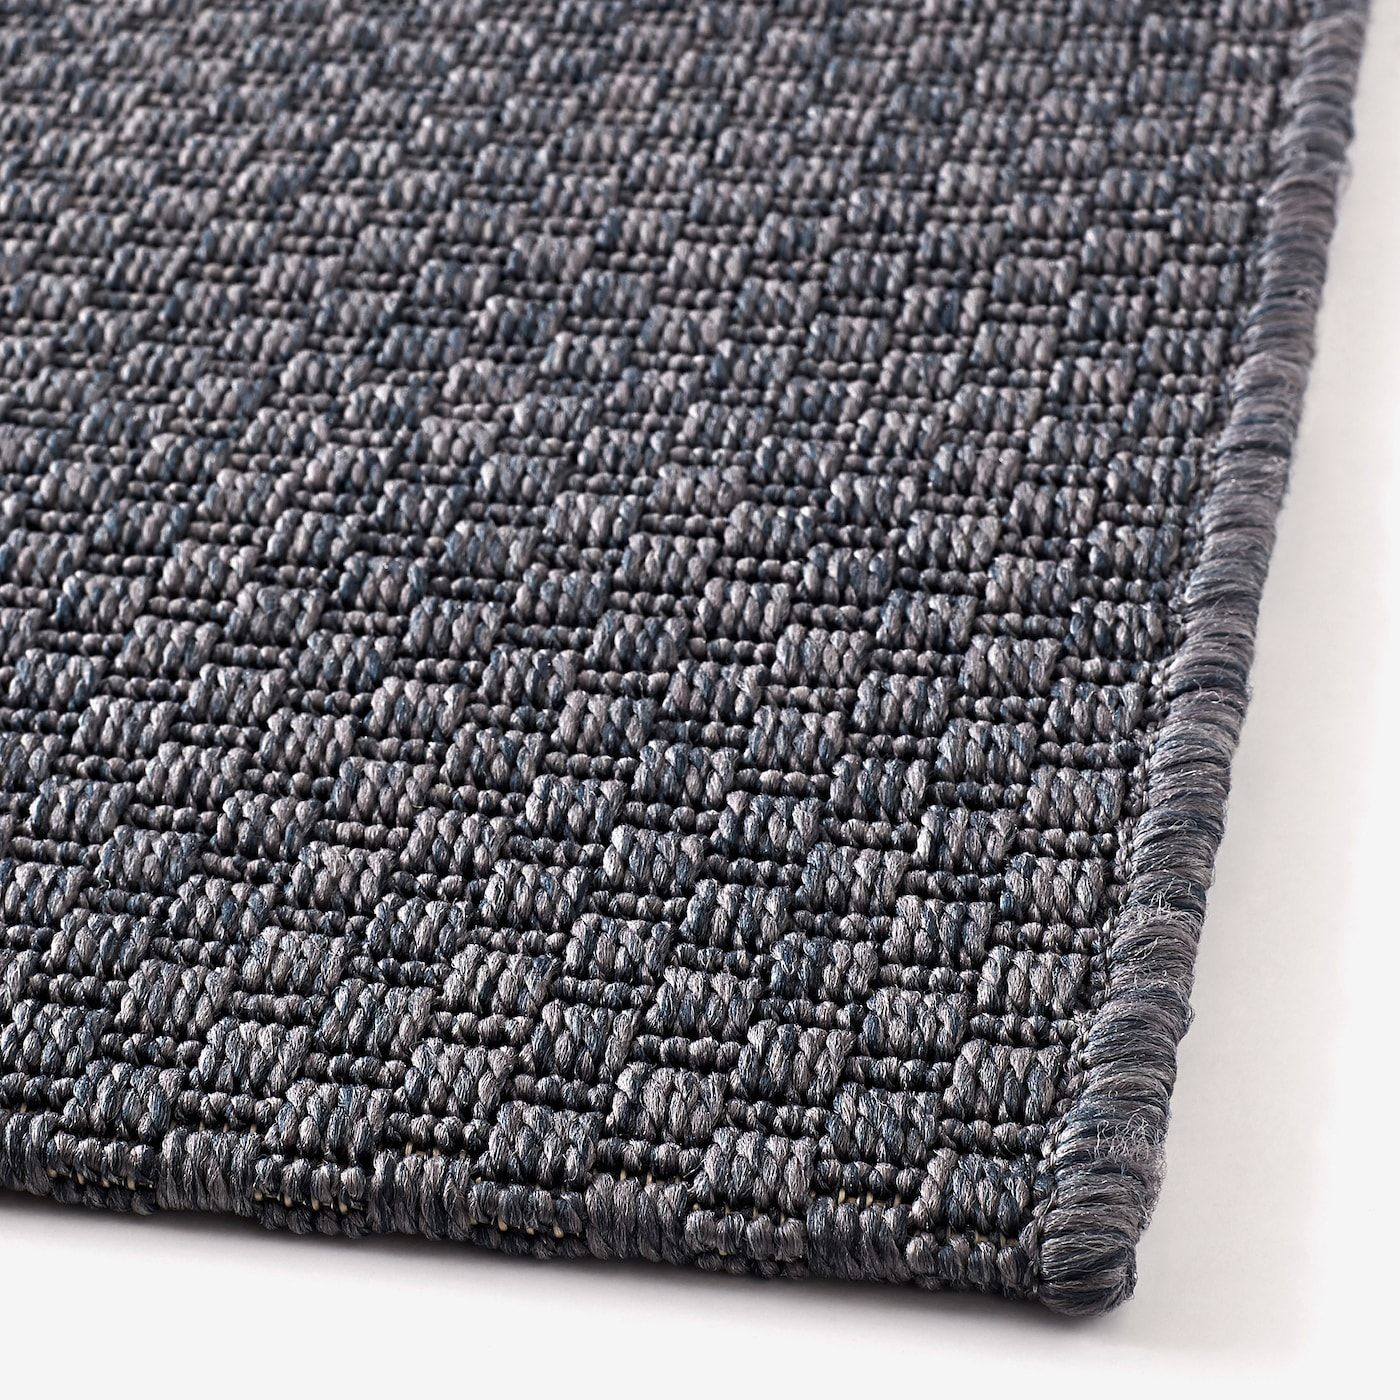 Morum Teppich Flach Gewebt Drinnen Drau Dunkelgrau 200x300 Cm Ikea Österreich Teppich Flach Gewebt Teppich Teppiche Für Draußen